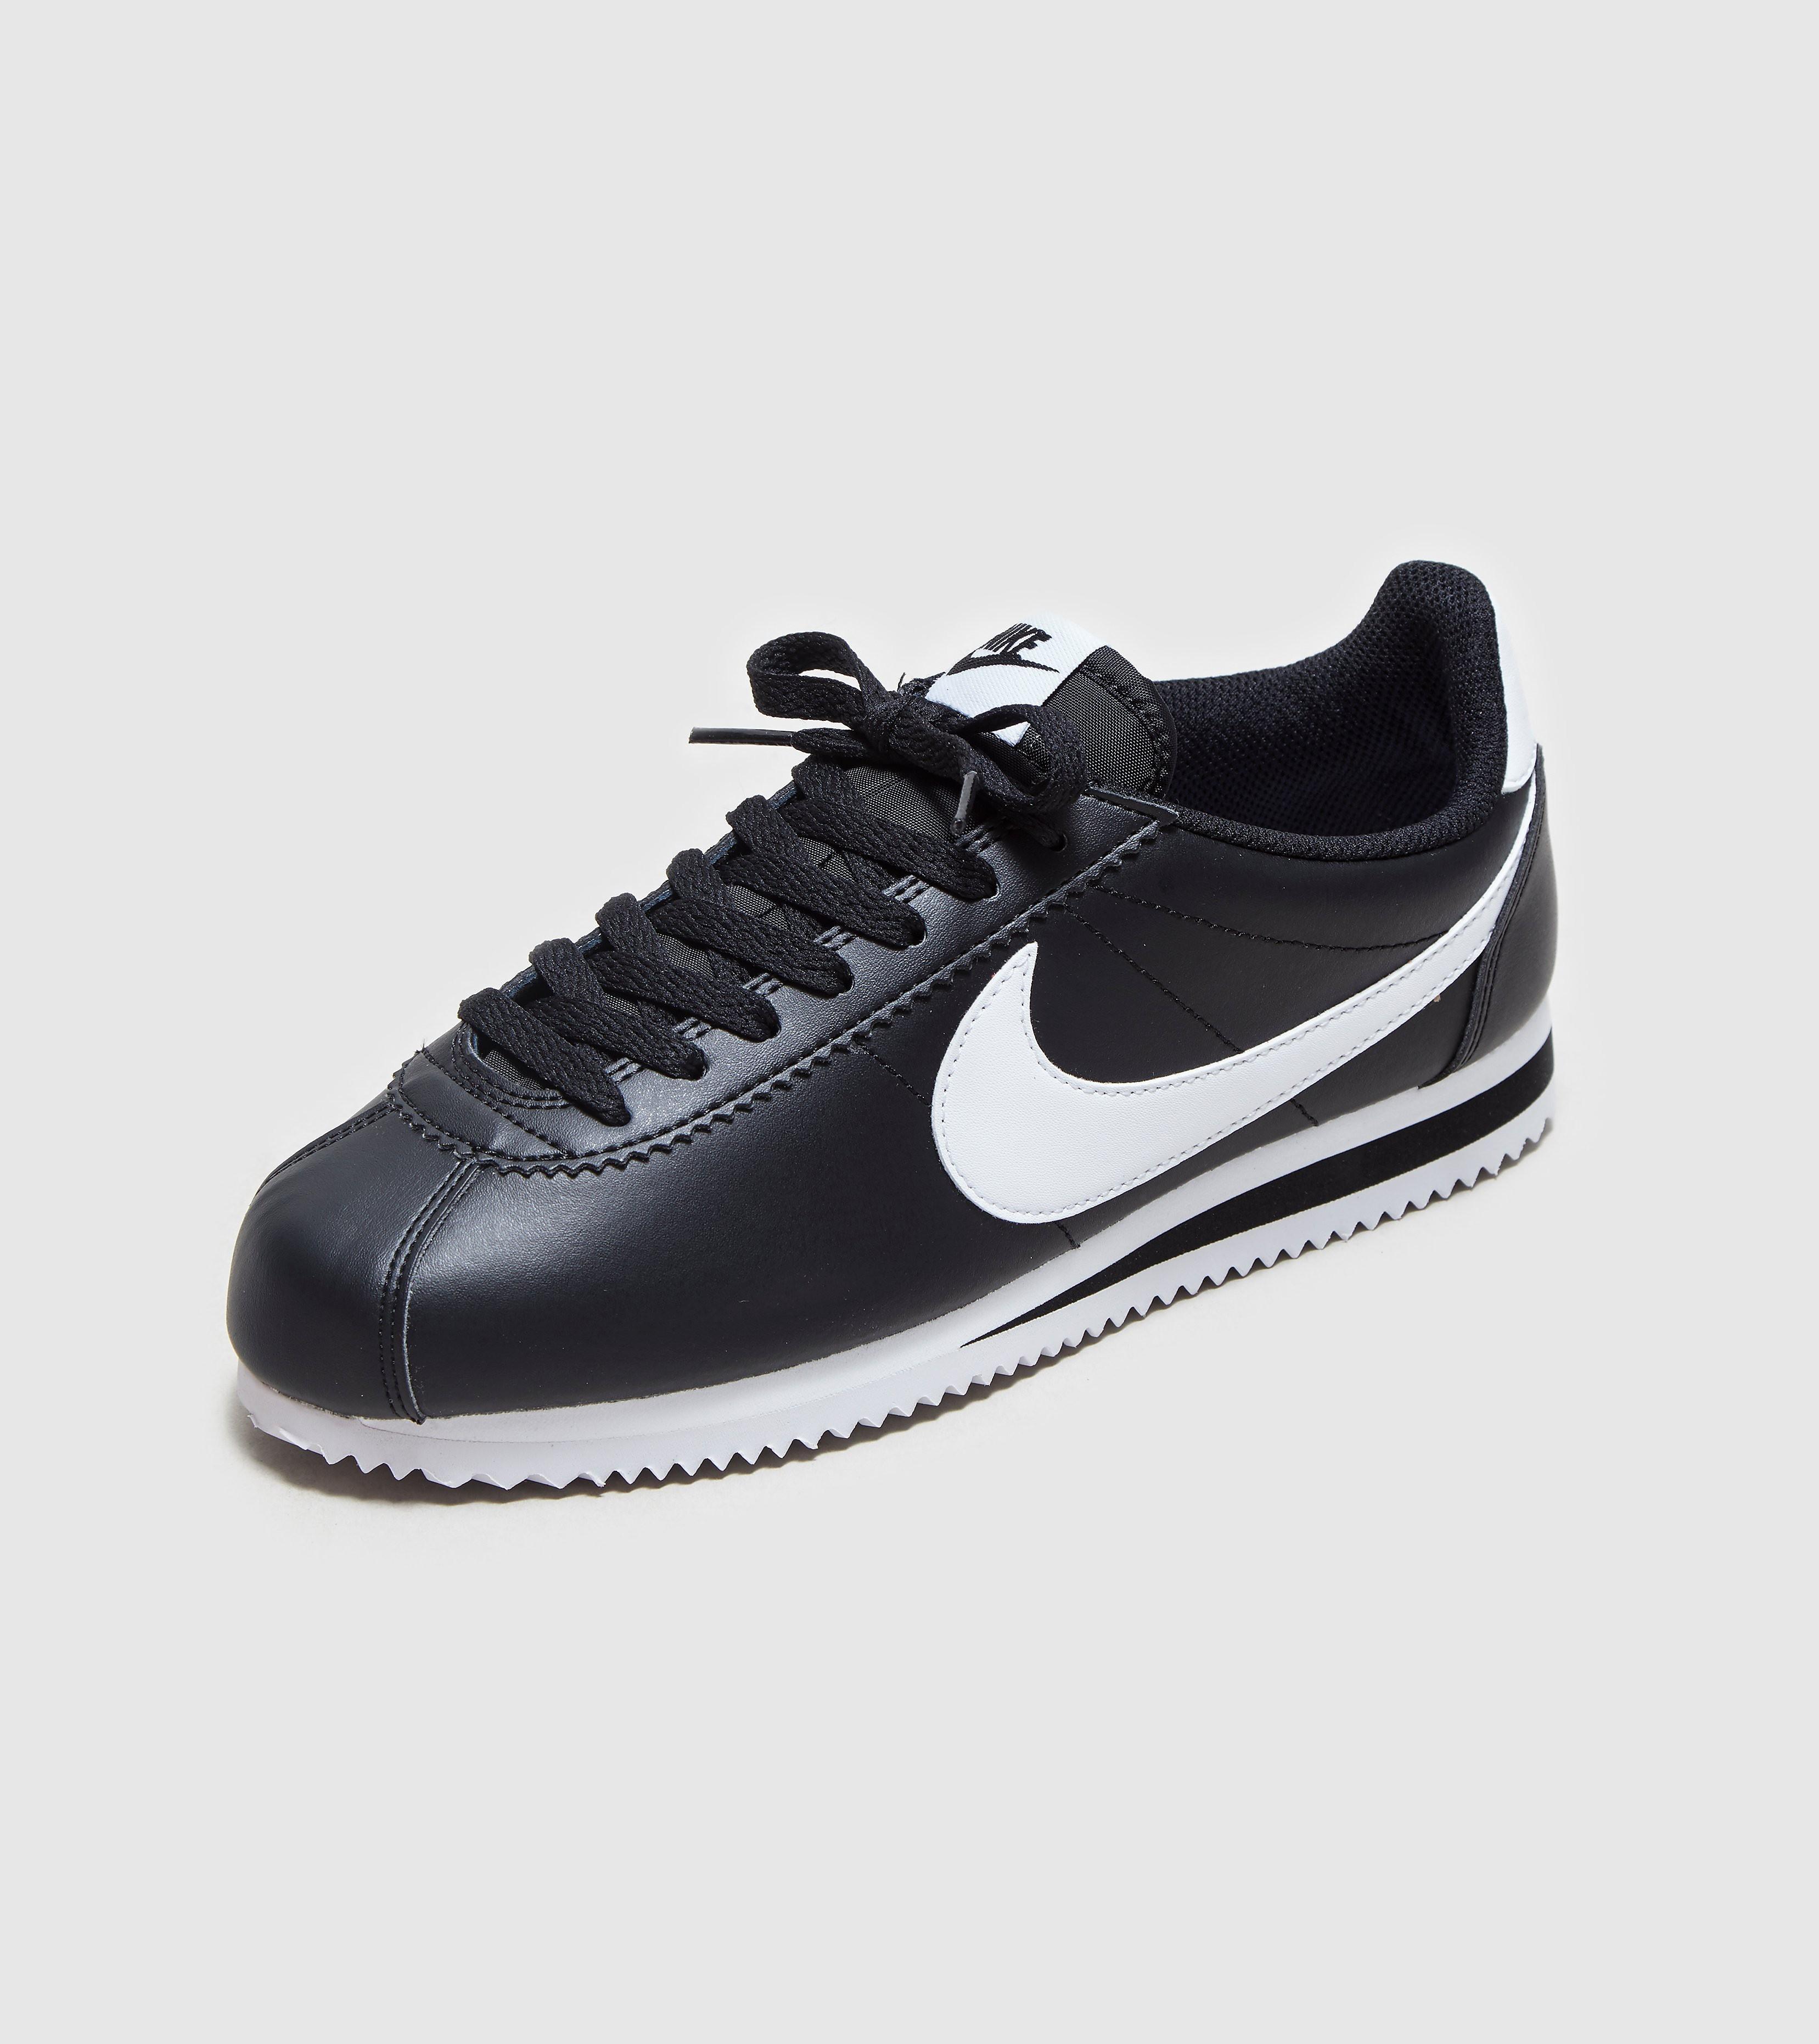 Nike Cortez Lux Women's